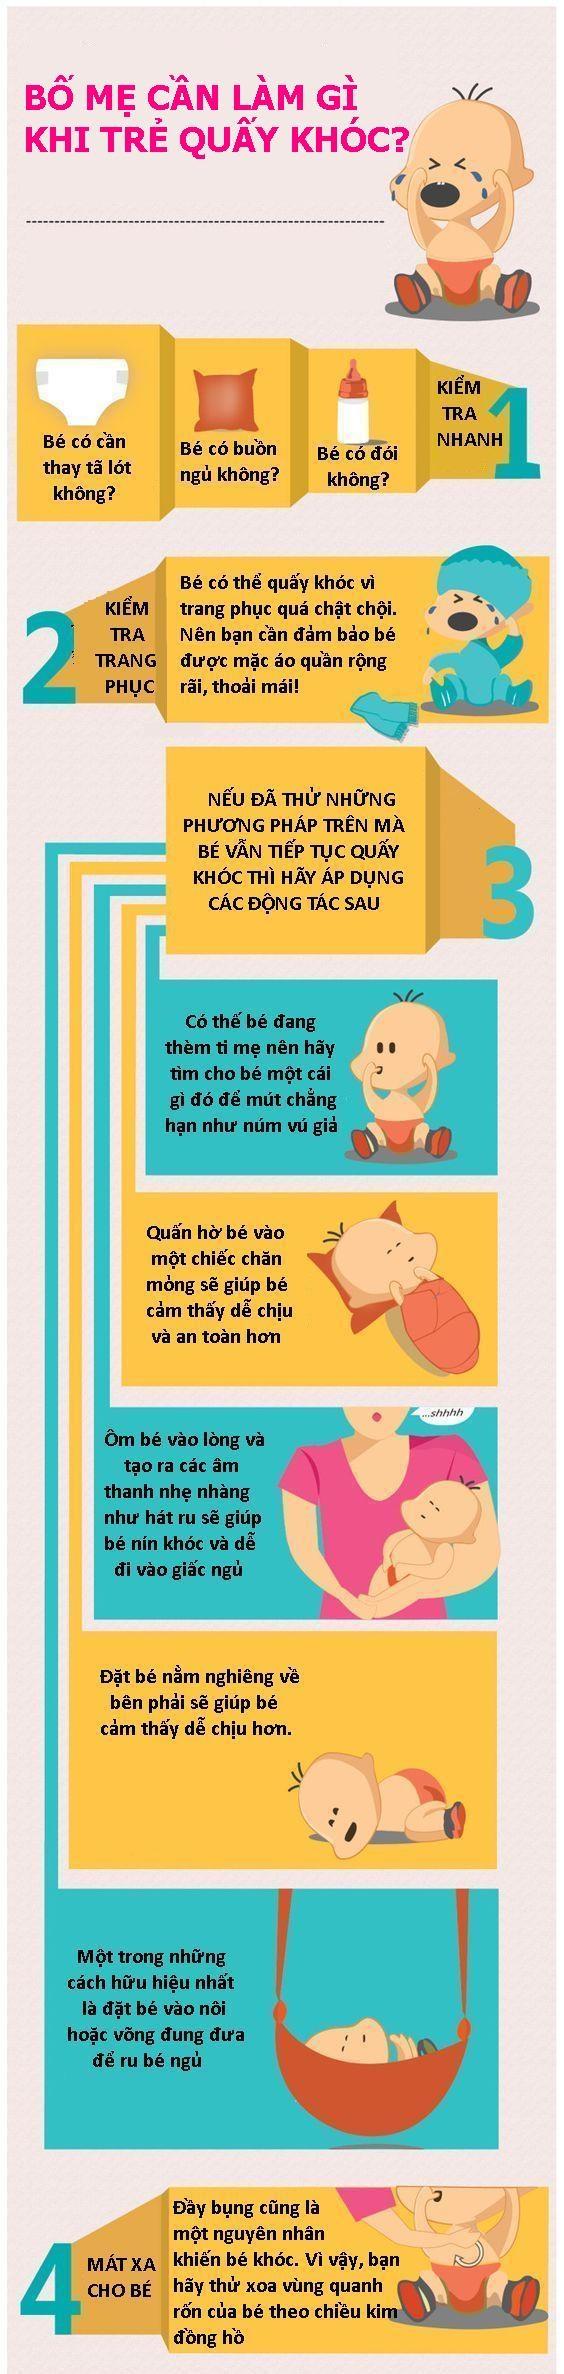 Vì sao trẻ sơ sinh thường hay khóc và cách dỗ trẻ nín hiệu quả nhất - 1